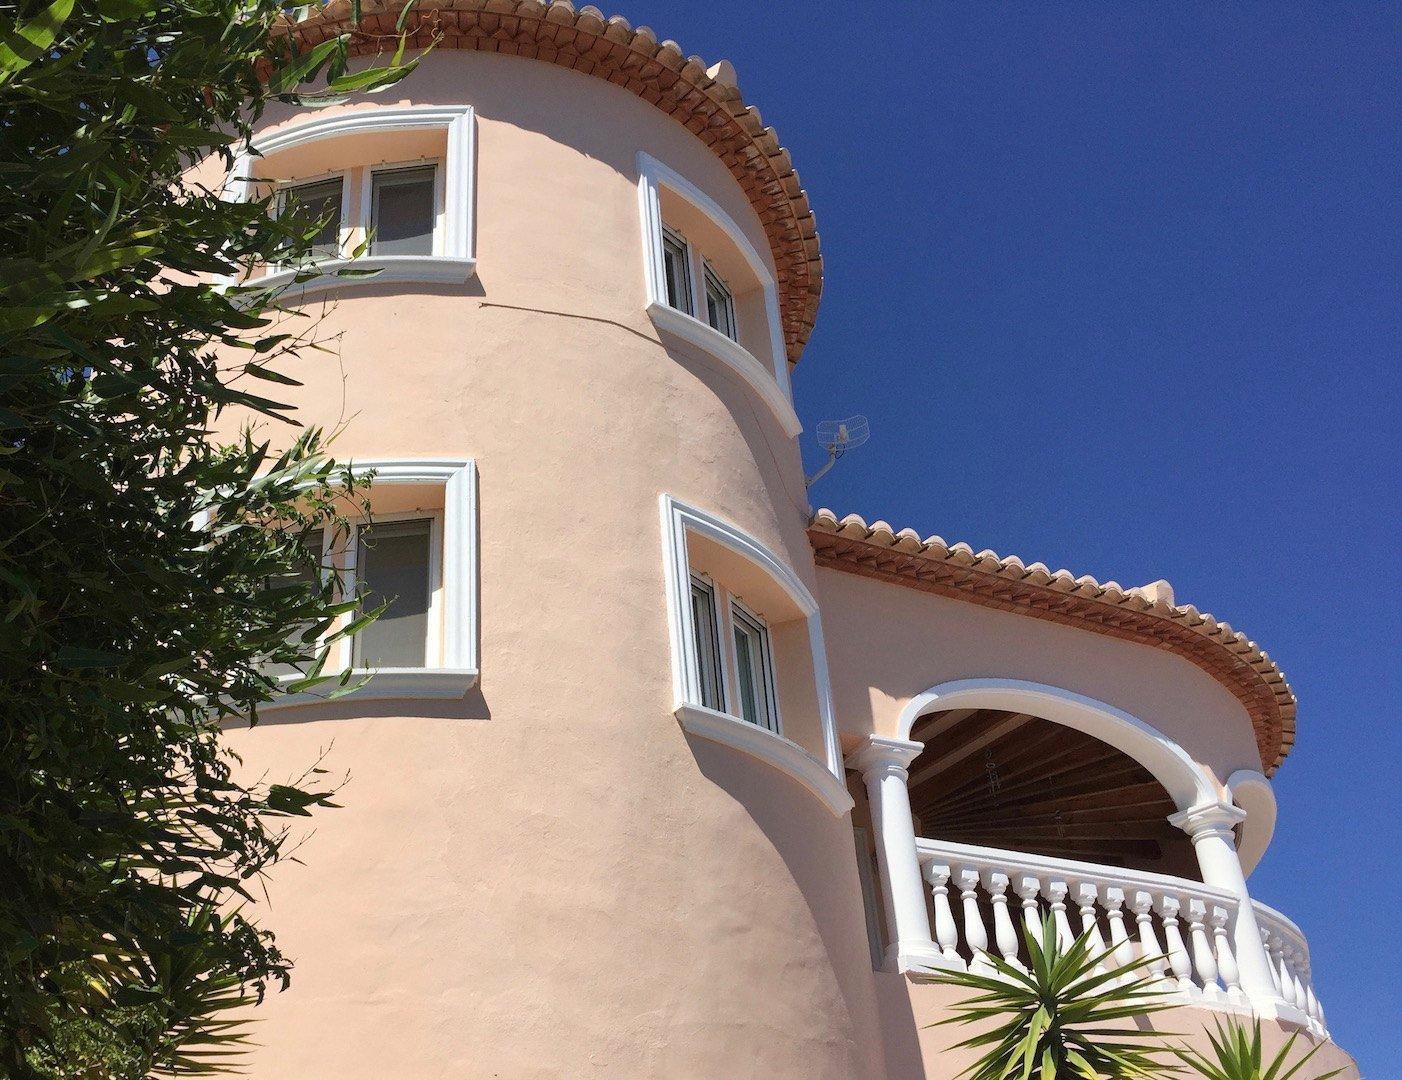 Villa très privée et moderne avec une vue imprenable